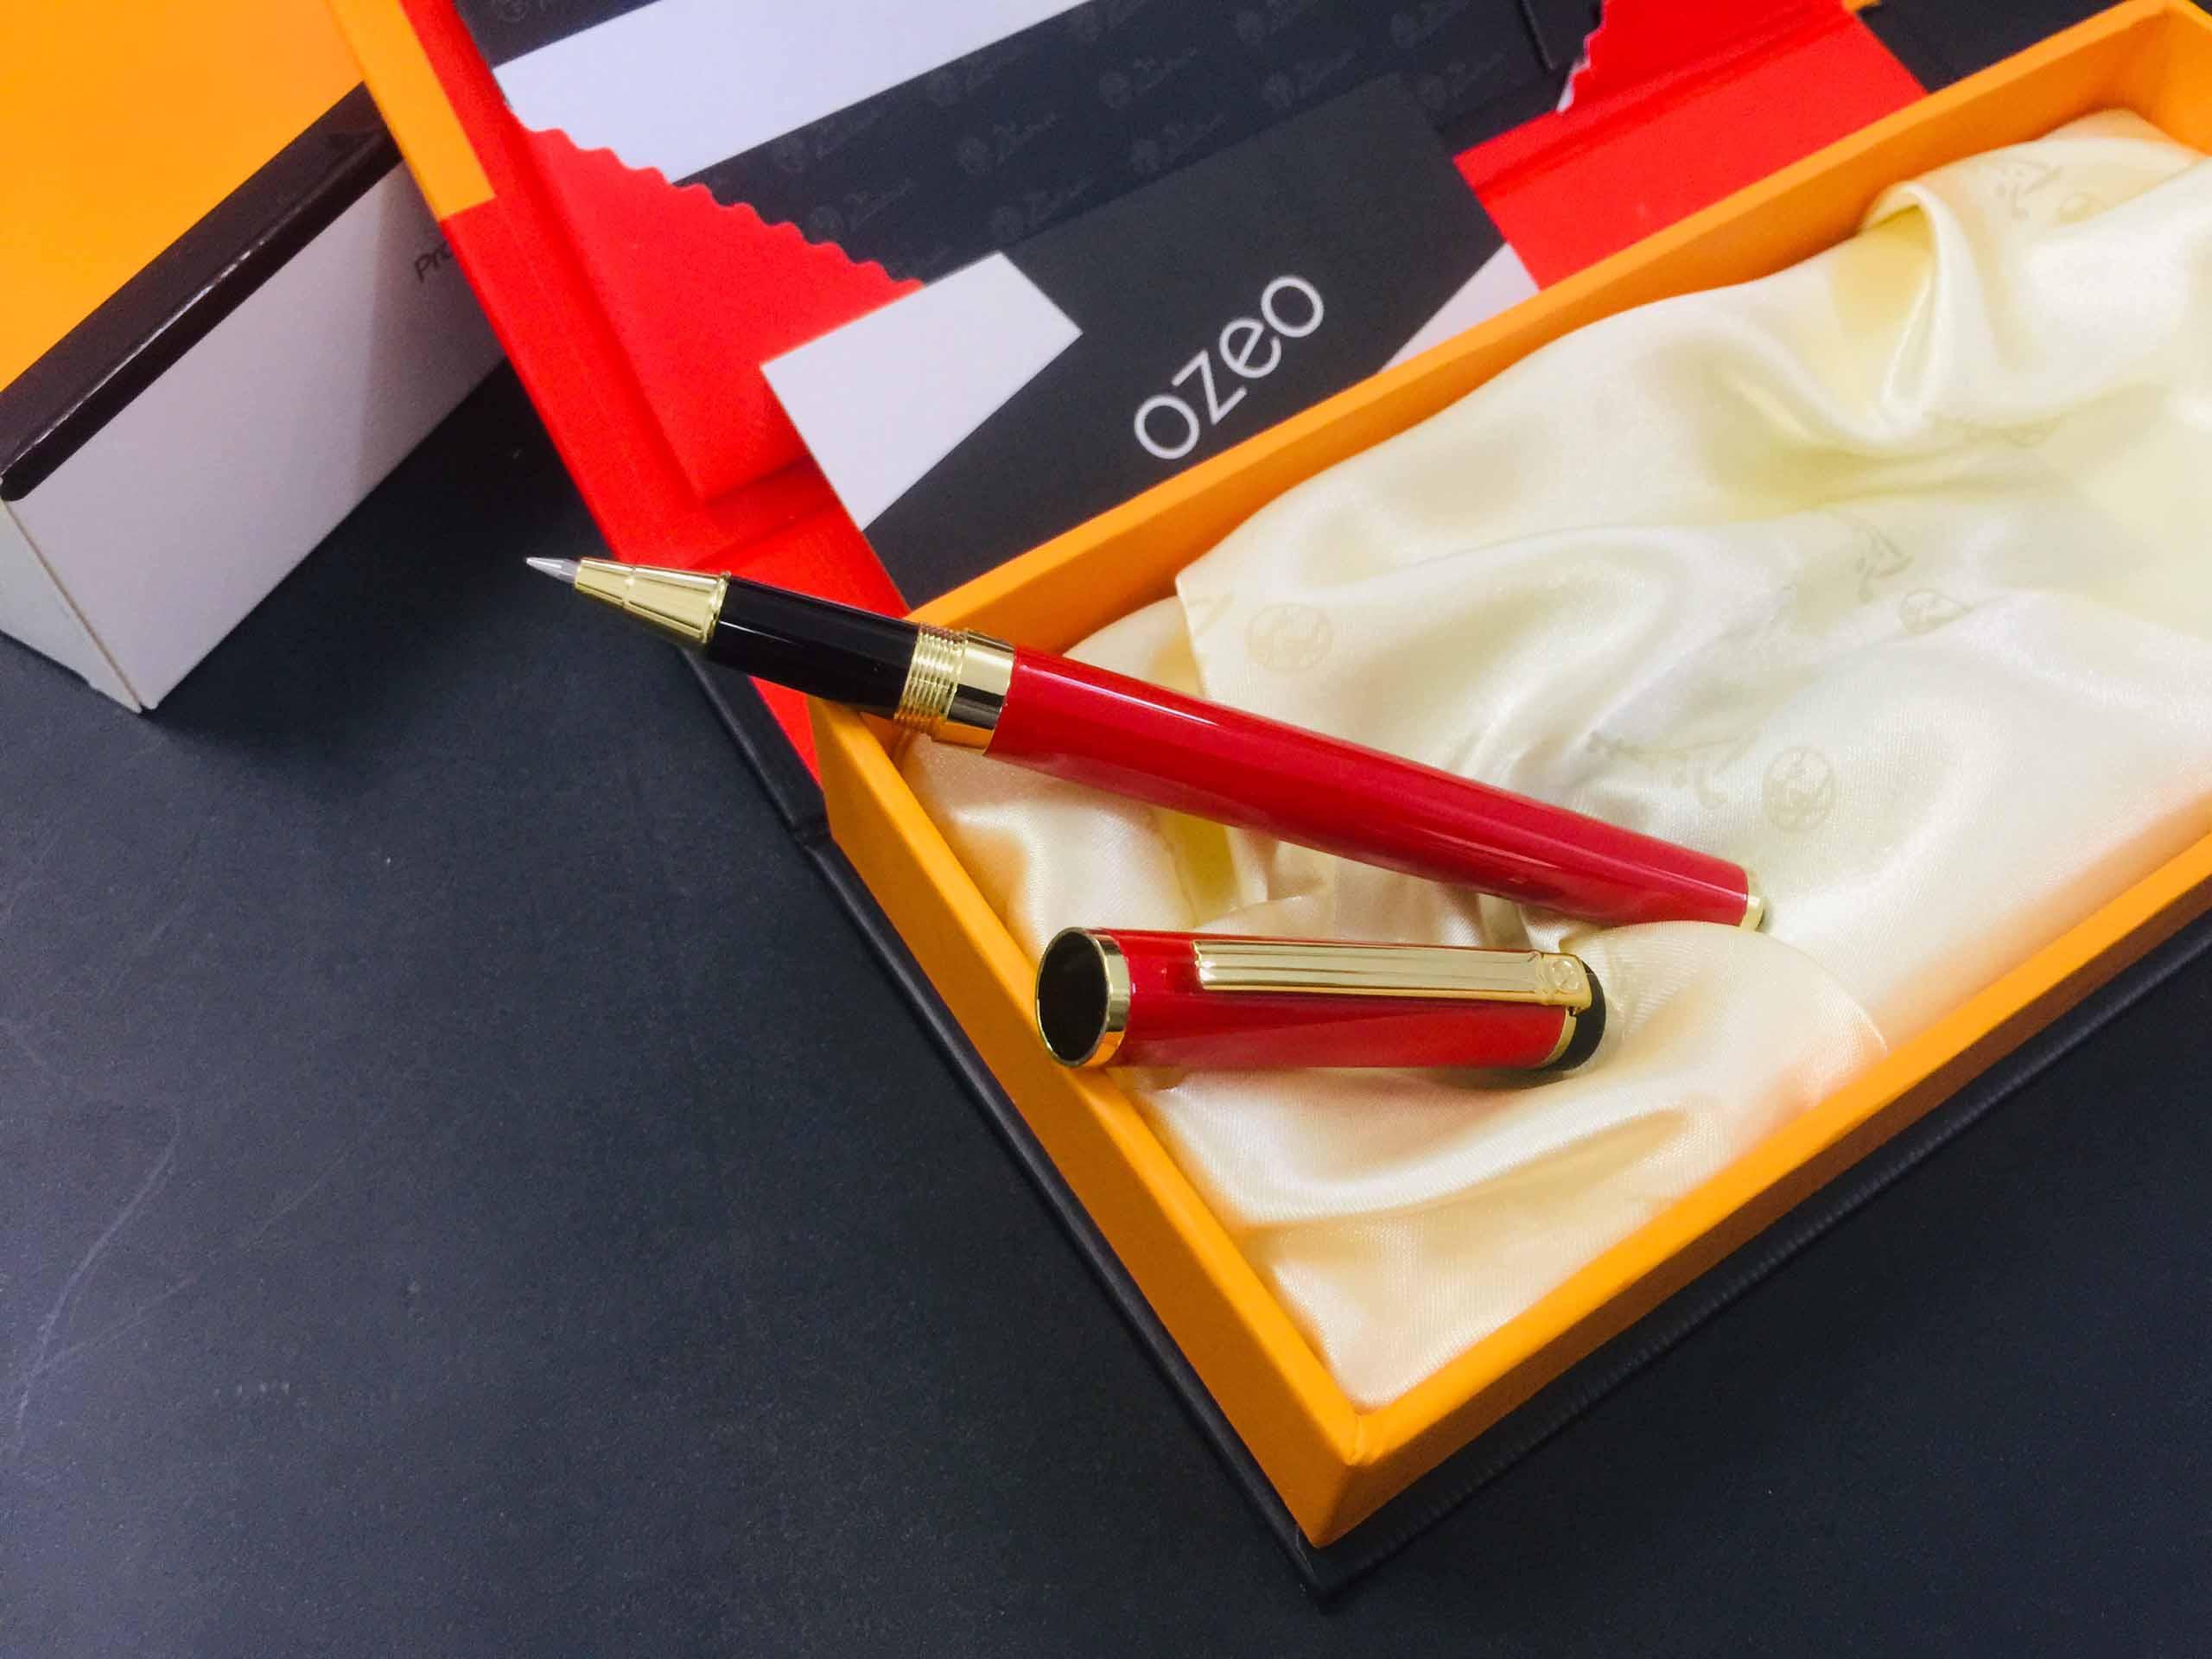 Bút ký Picasso 908 màu đỏ